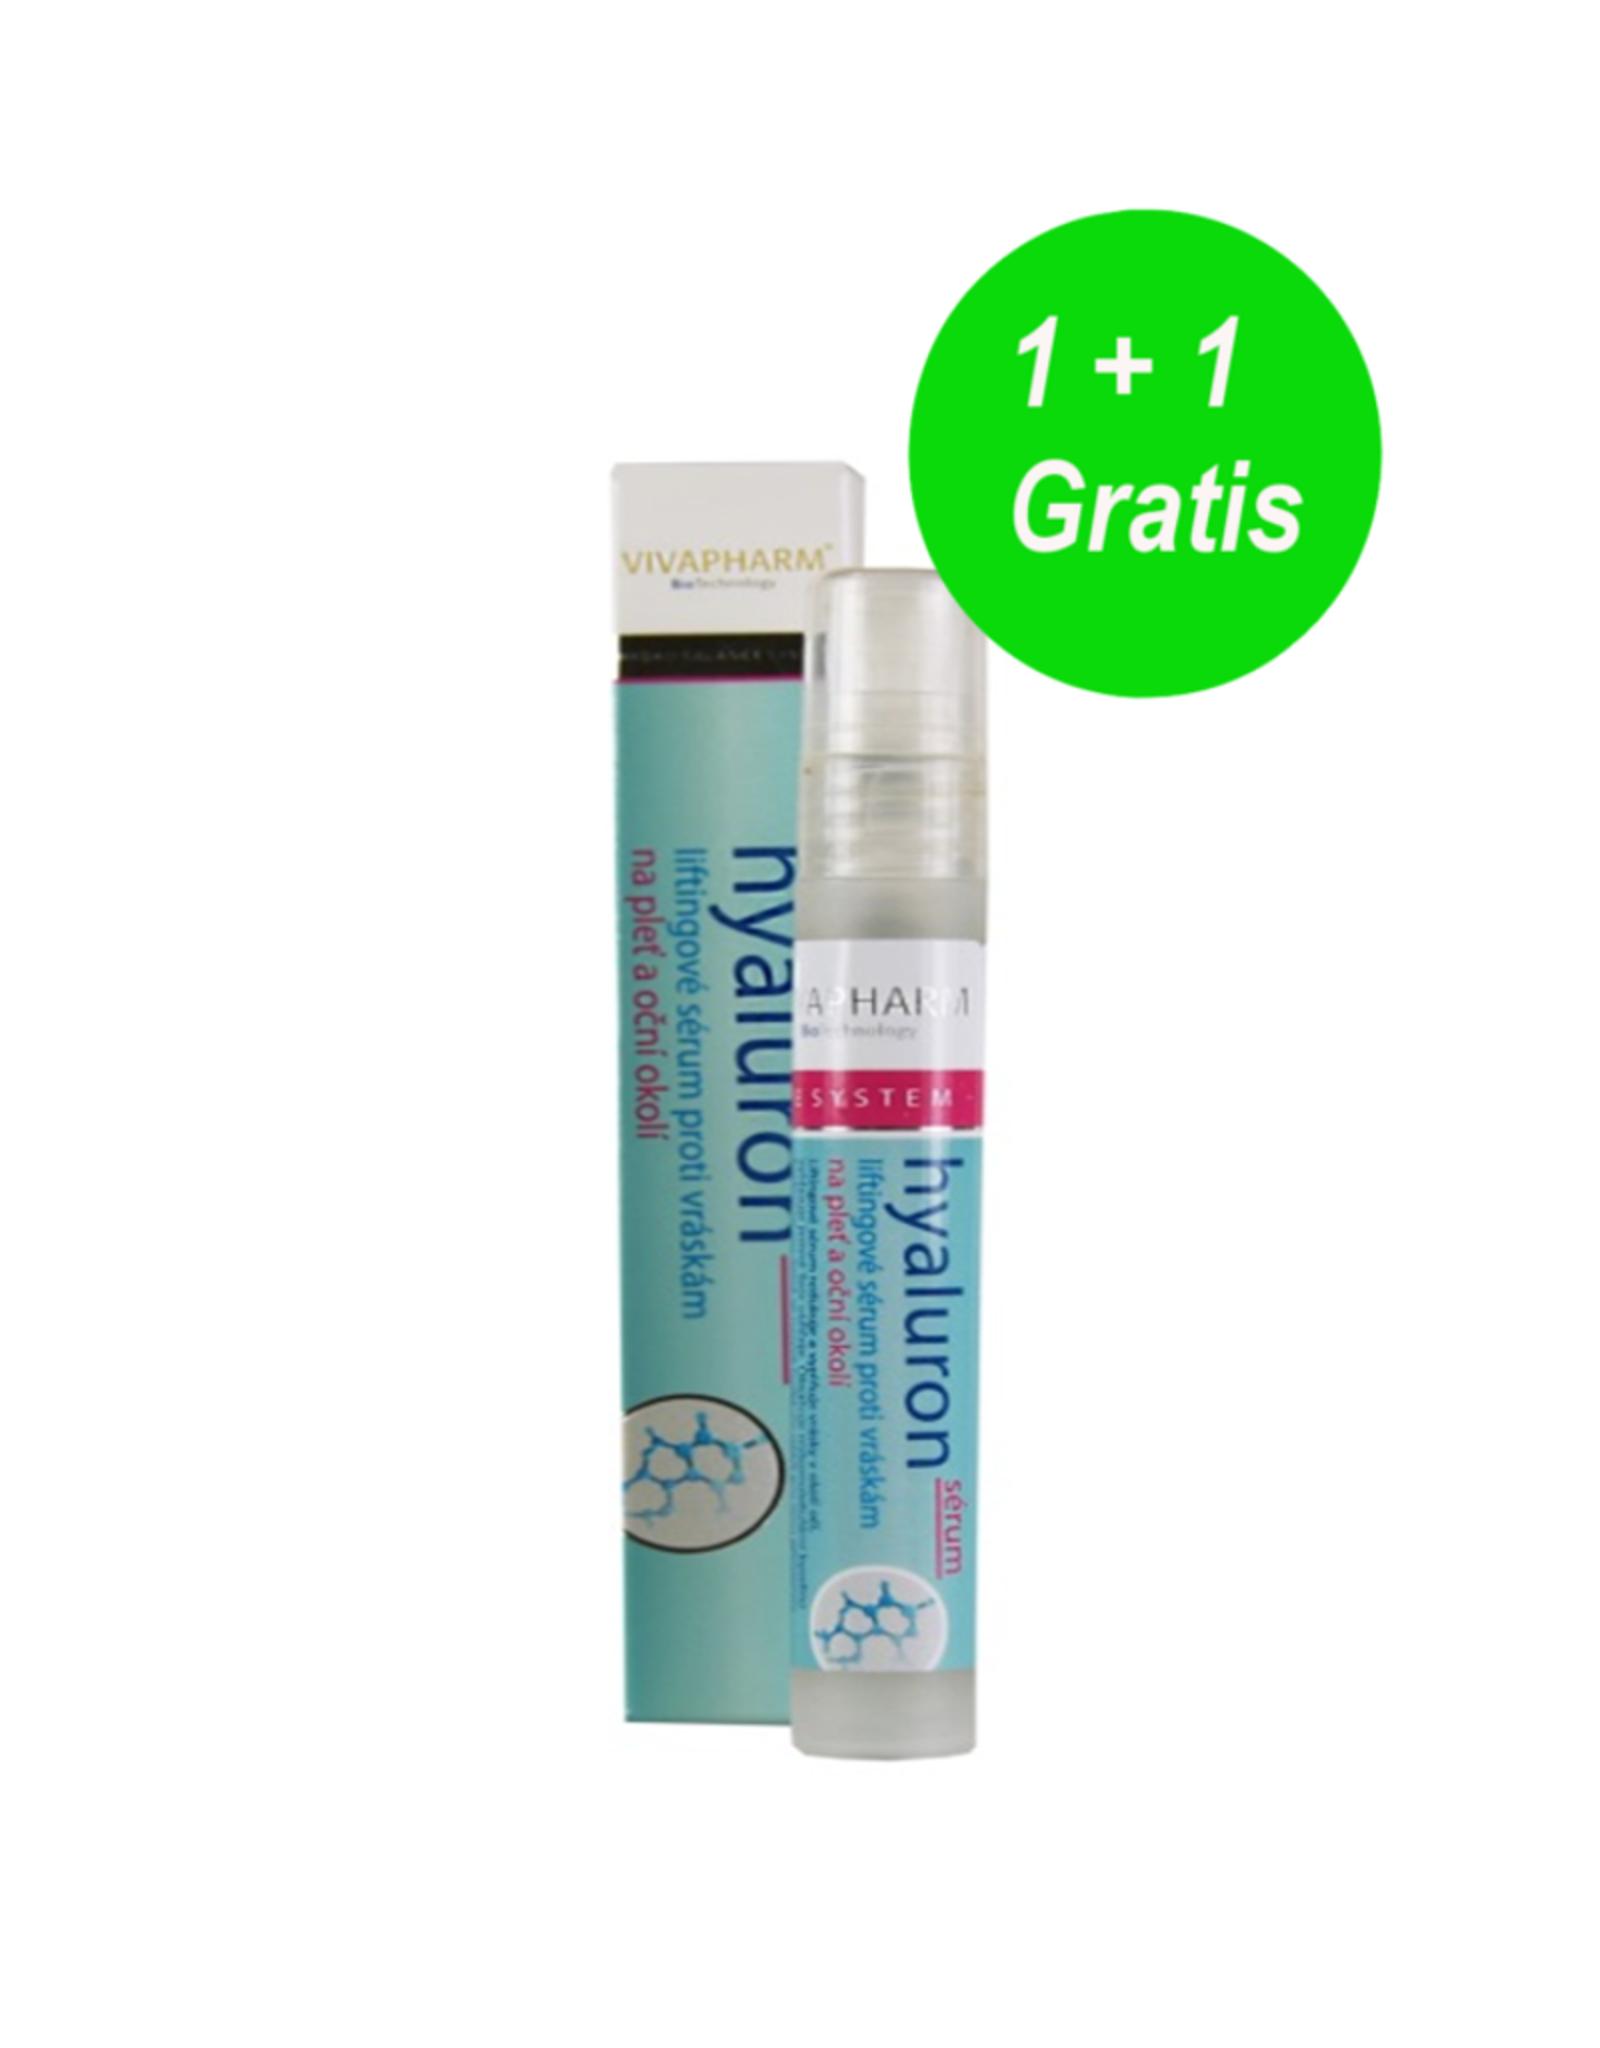 VIVAPHARM®   Liftende Anti-Ageing Serum met Hyaluronzuur 1 + 1 GRATIS